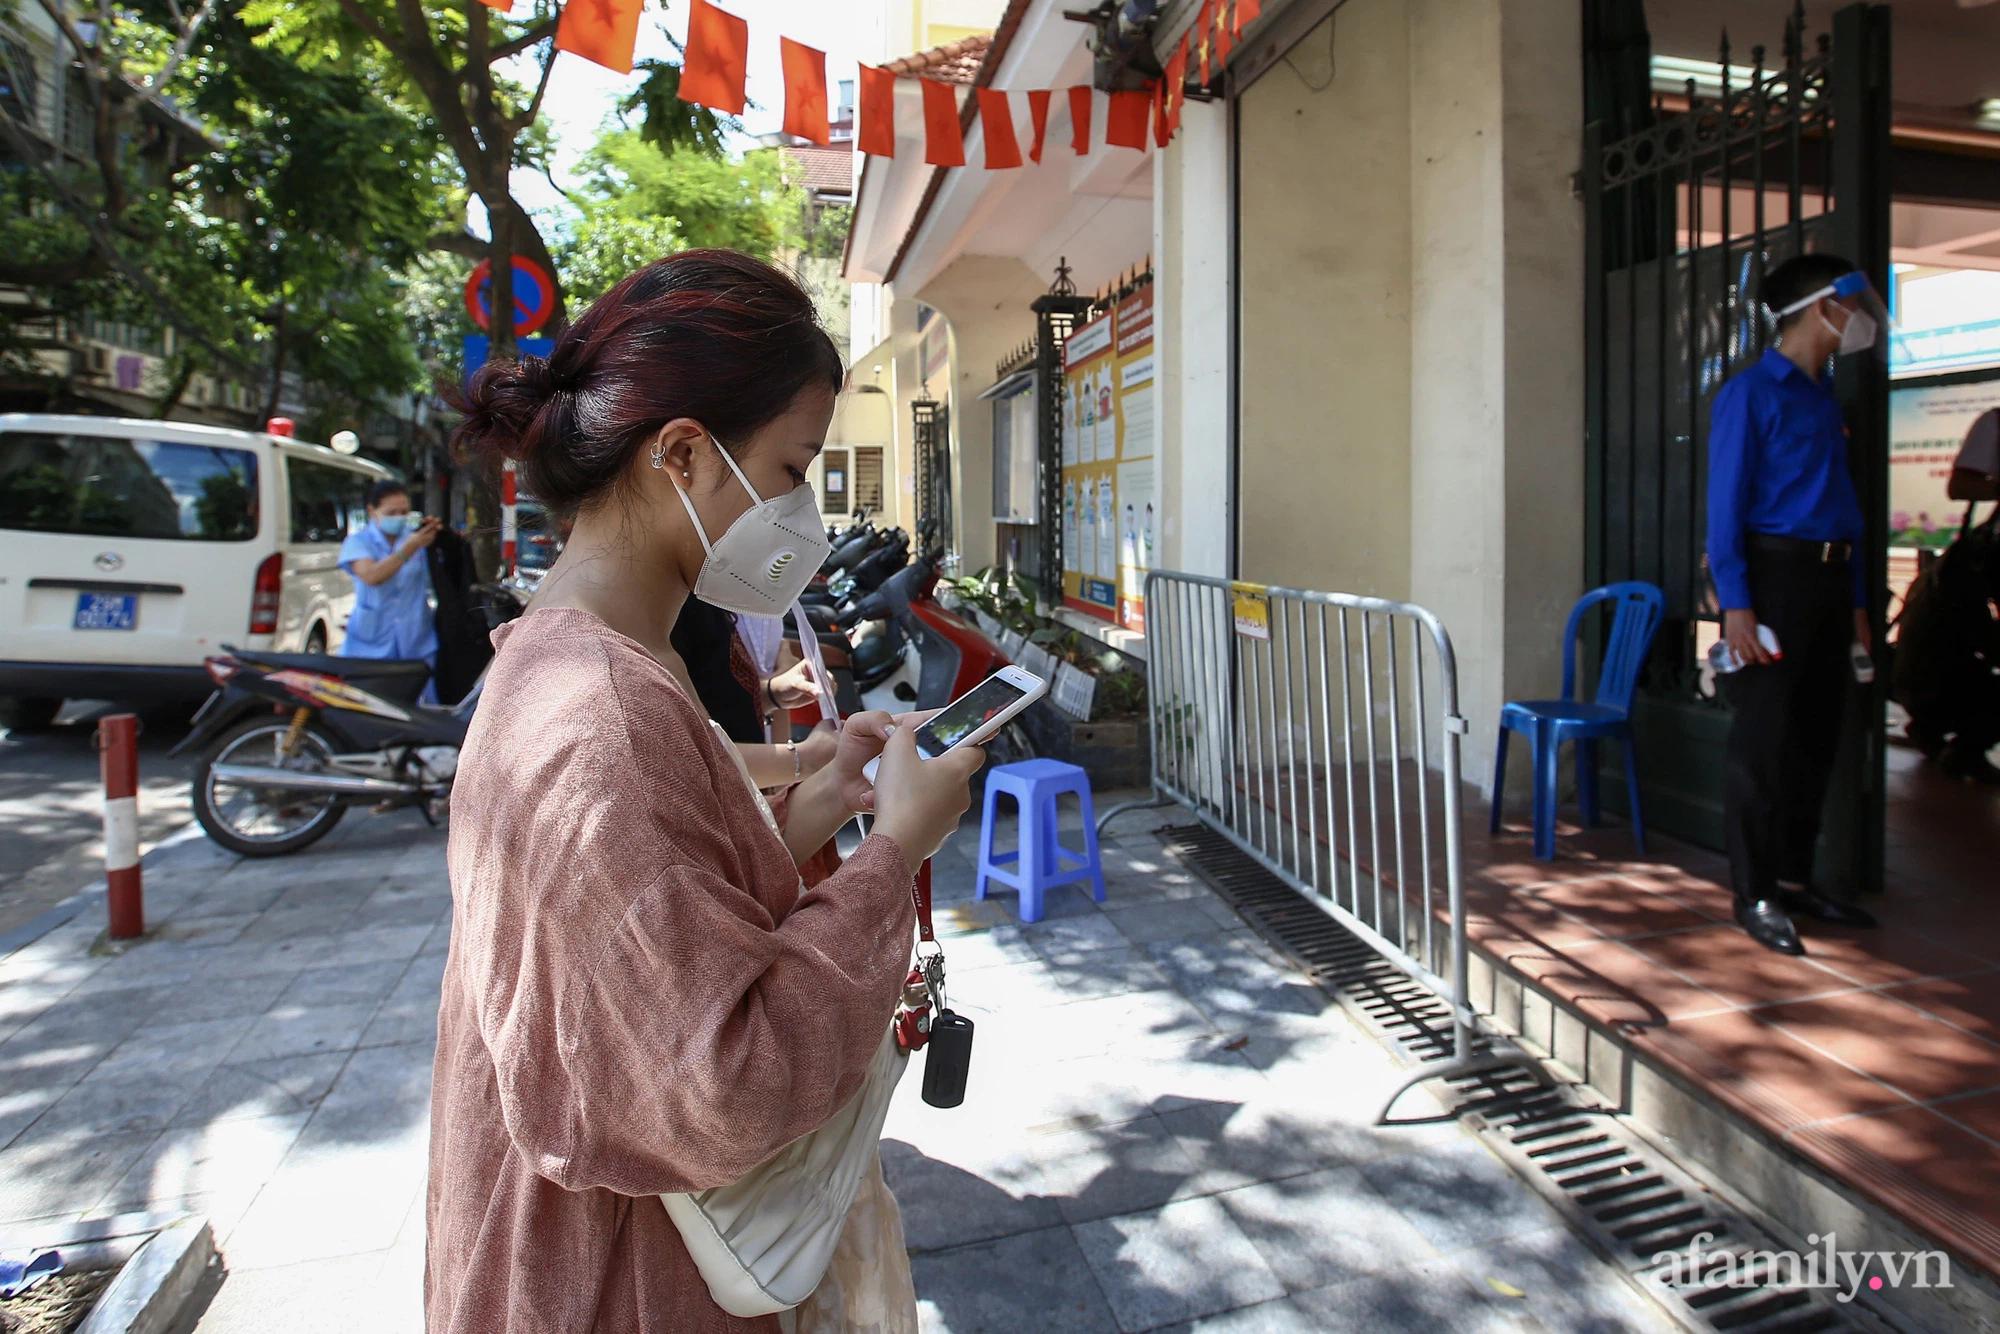 Ngày đầu tiên người dân Hà Nội bắt đầu được tiêm vaccine phòng dịch COVID-19 quy mô lớn nhất lịch sử - Ảnh 1.